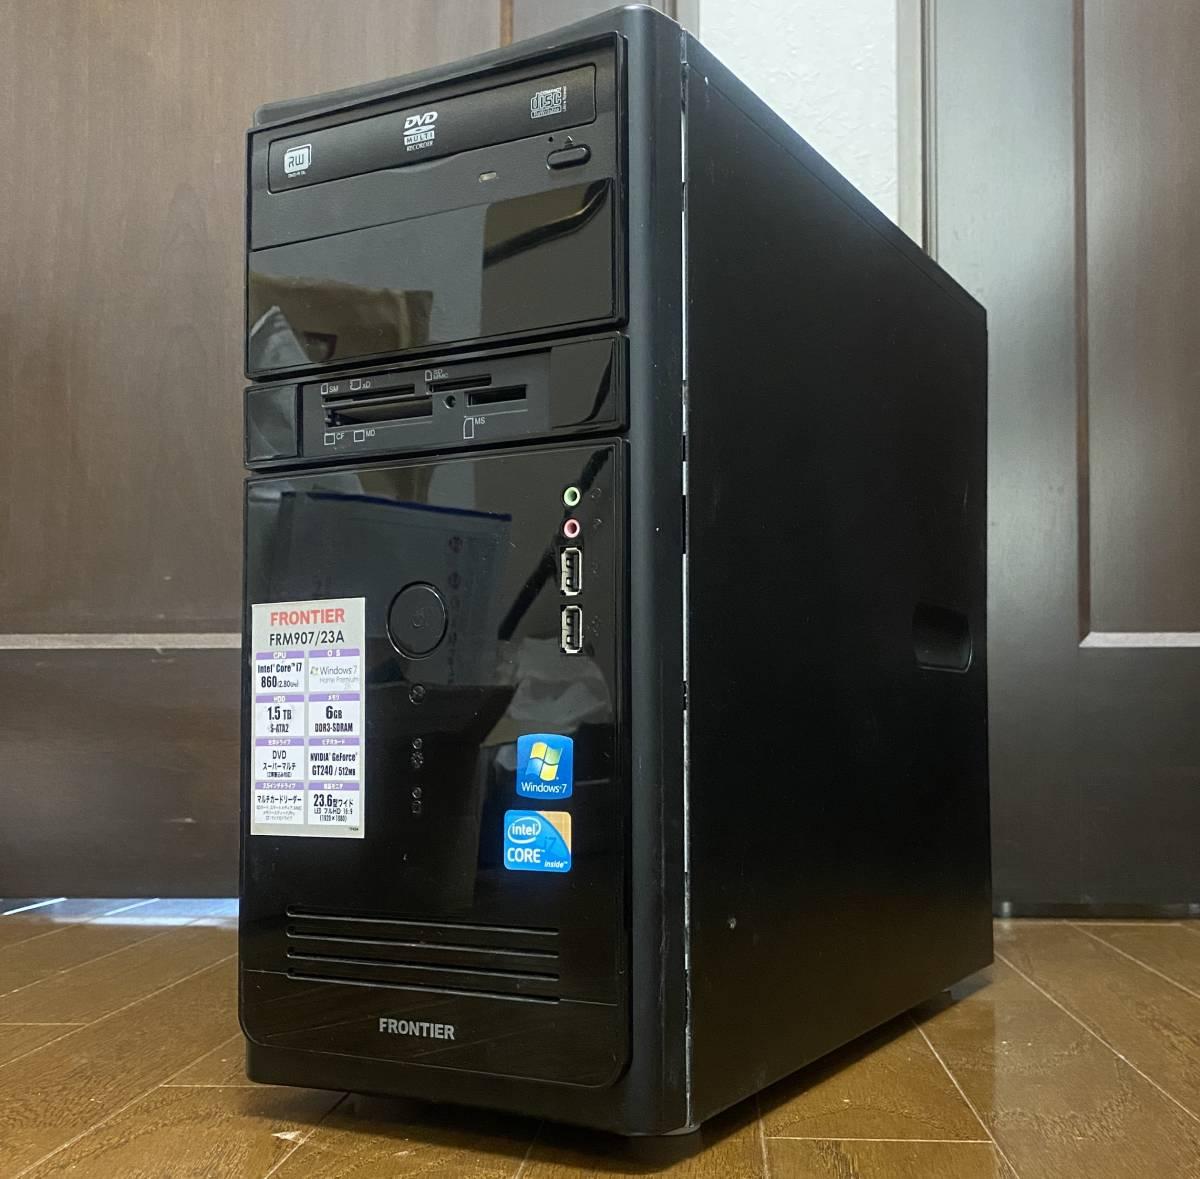 ★超高速 i7/新品SSD240GB+HDD2台/メモリ10GB/無線LAN(Wi-Fi)/NVIDIAグラボ/Win10/Office2019/領収証可★Frontier FRM907/23A改★_画像3